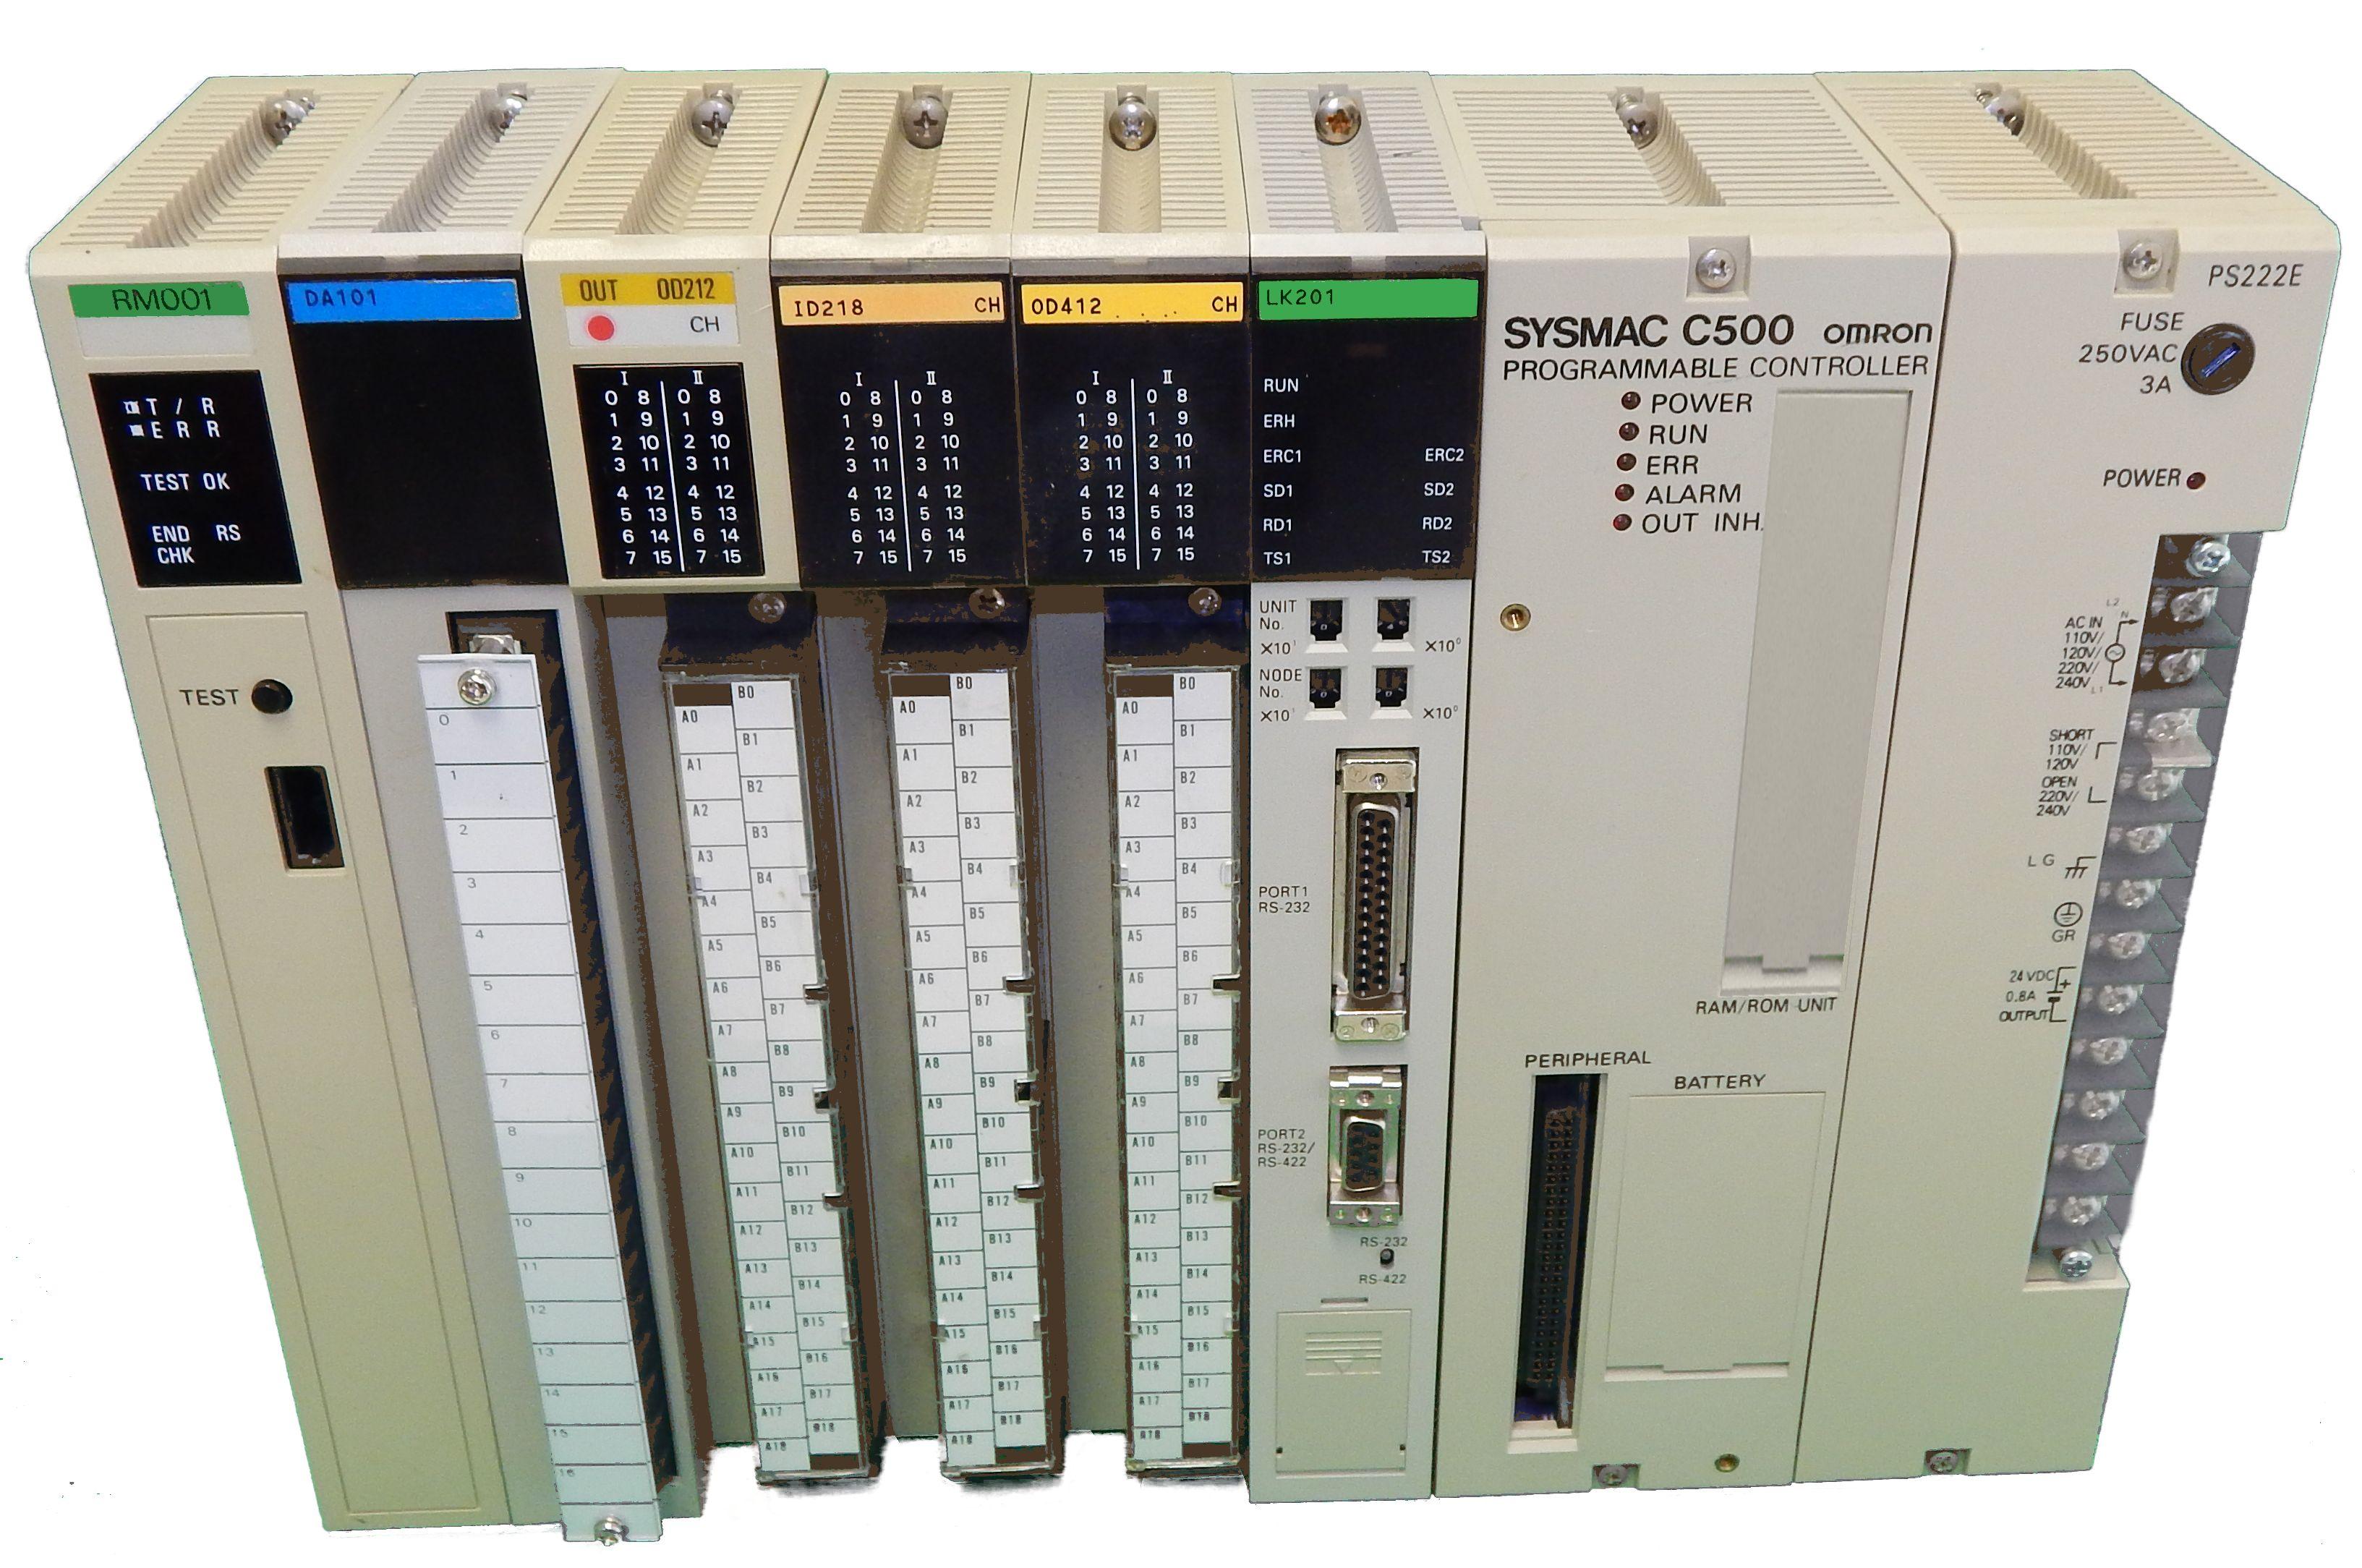 3G2A5-OA121